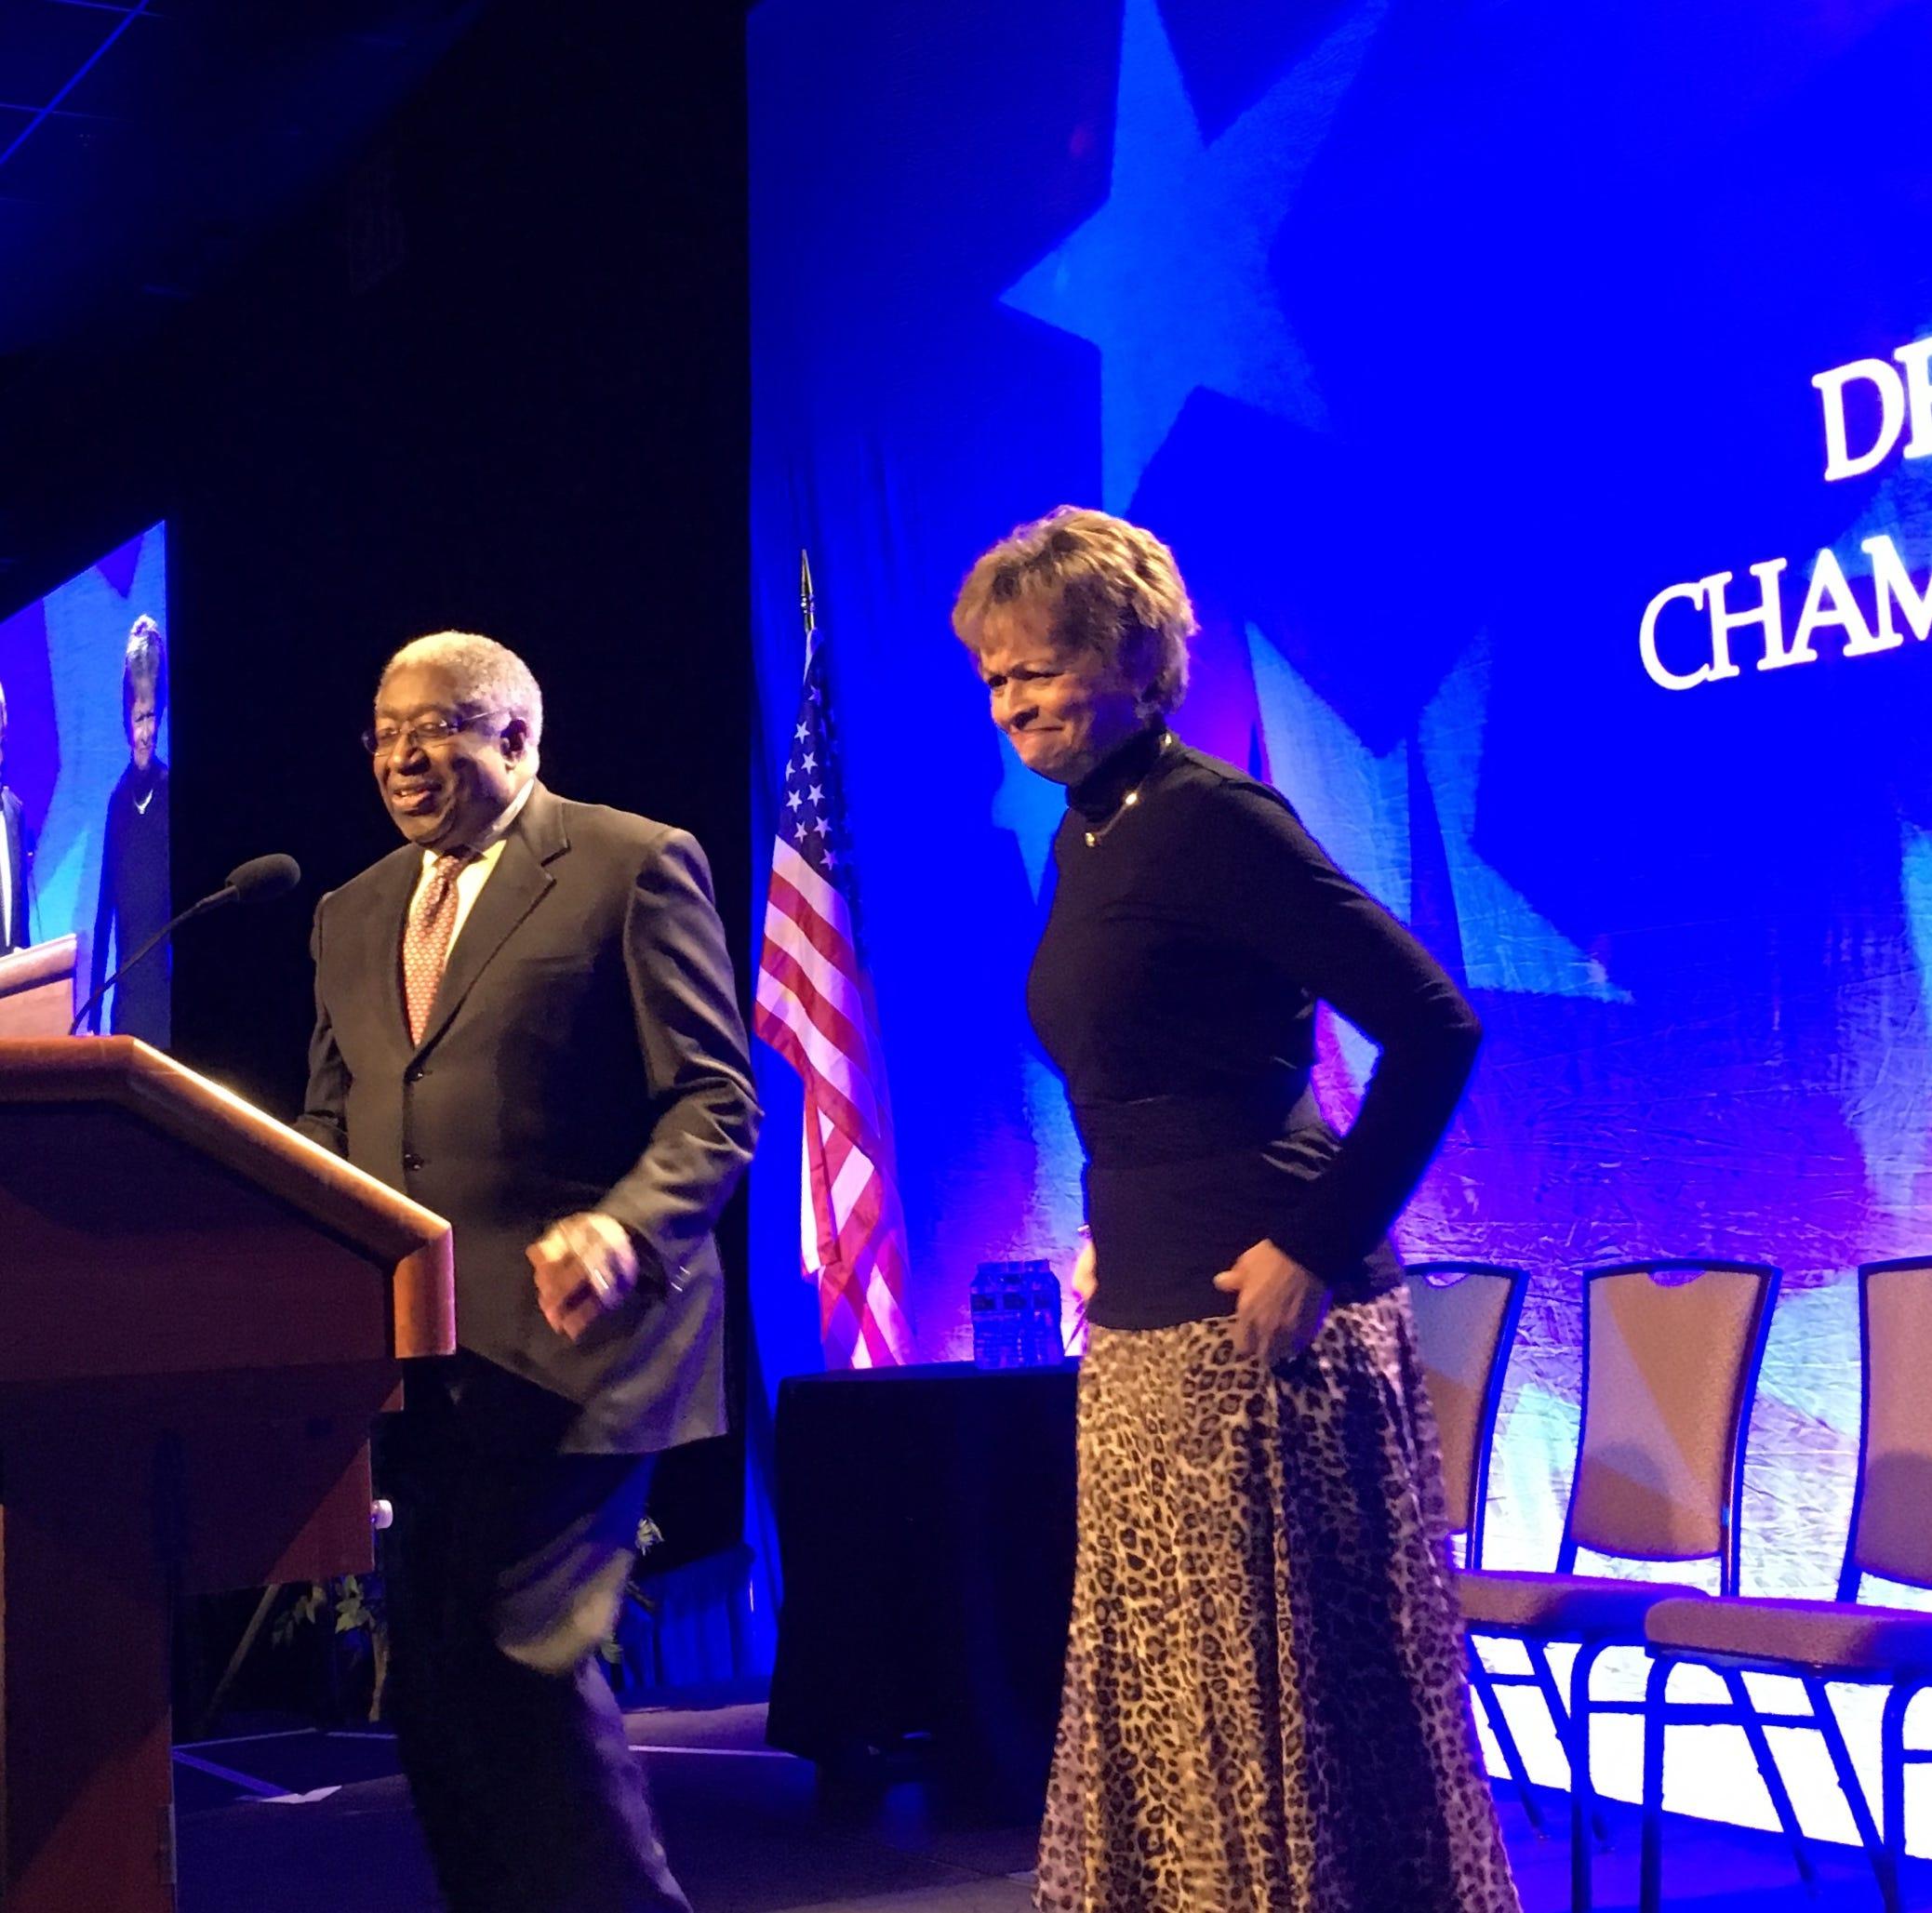 Longtime Delaware power couple wins prestigious Chamber of Commerce award